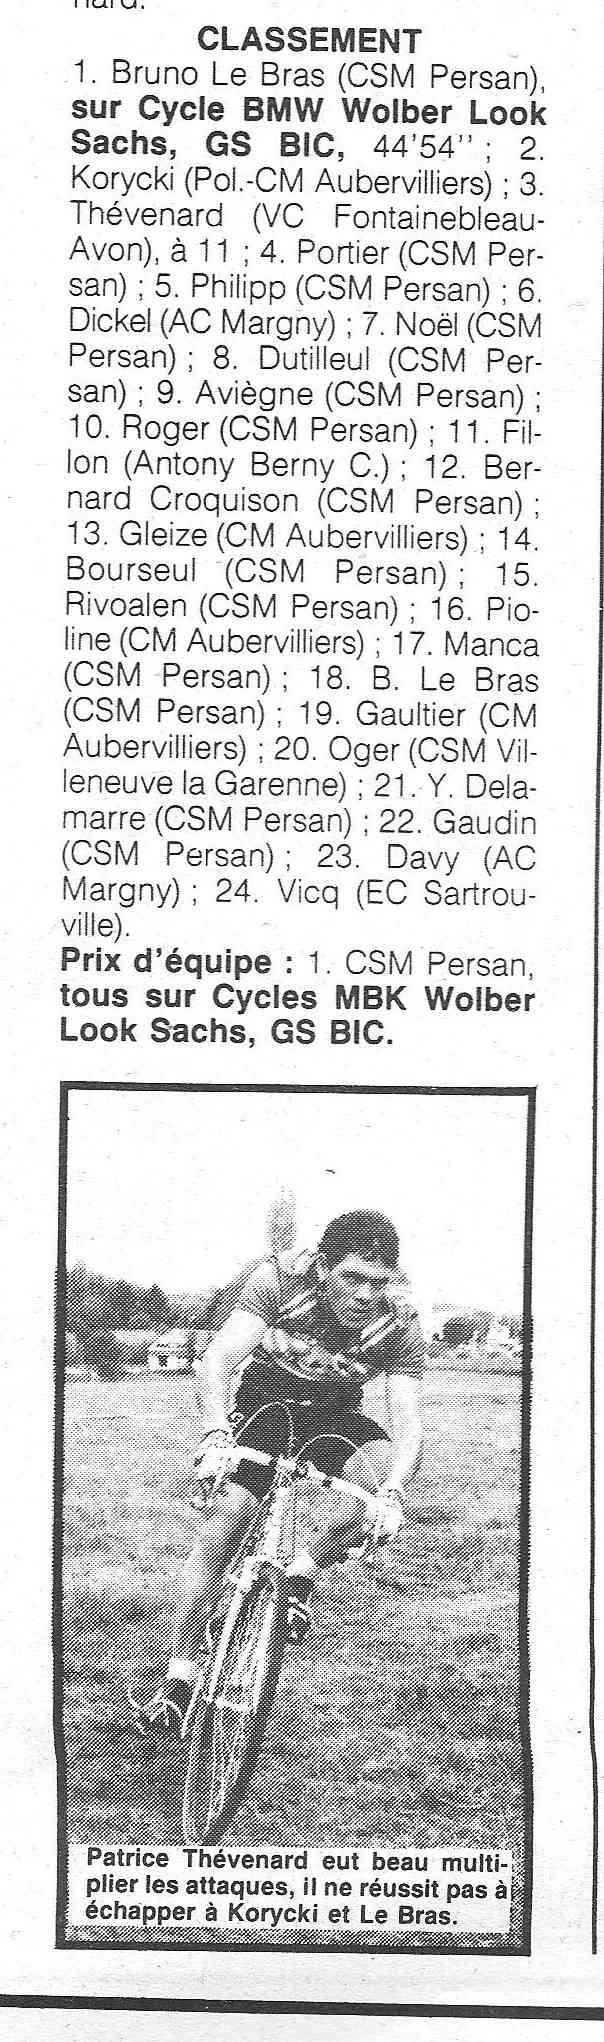 CSM.Persan. BIC. Toute une époque de janvier 1984 à janvier 1990 - Page 35 1989_169